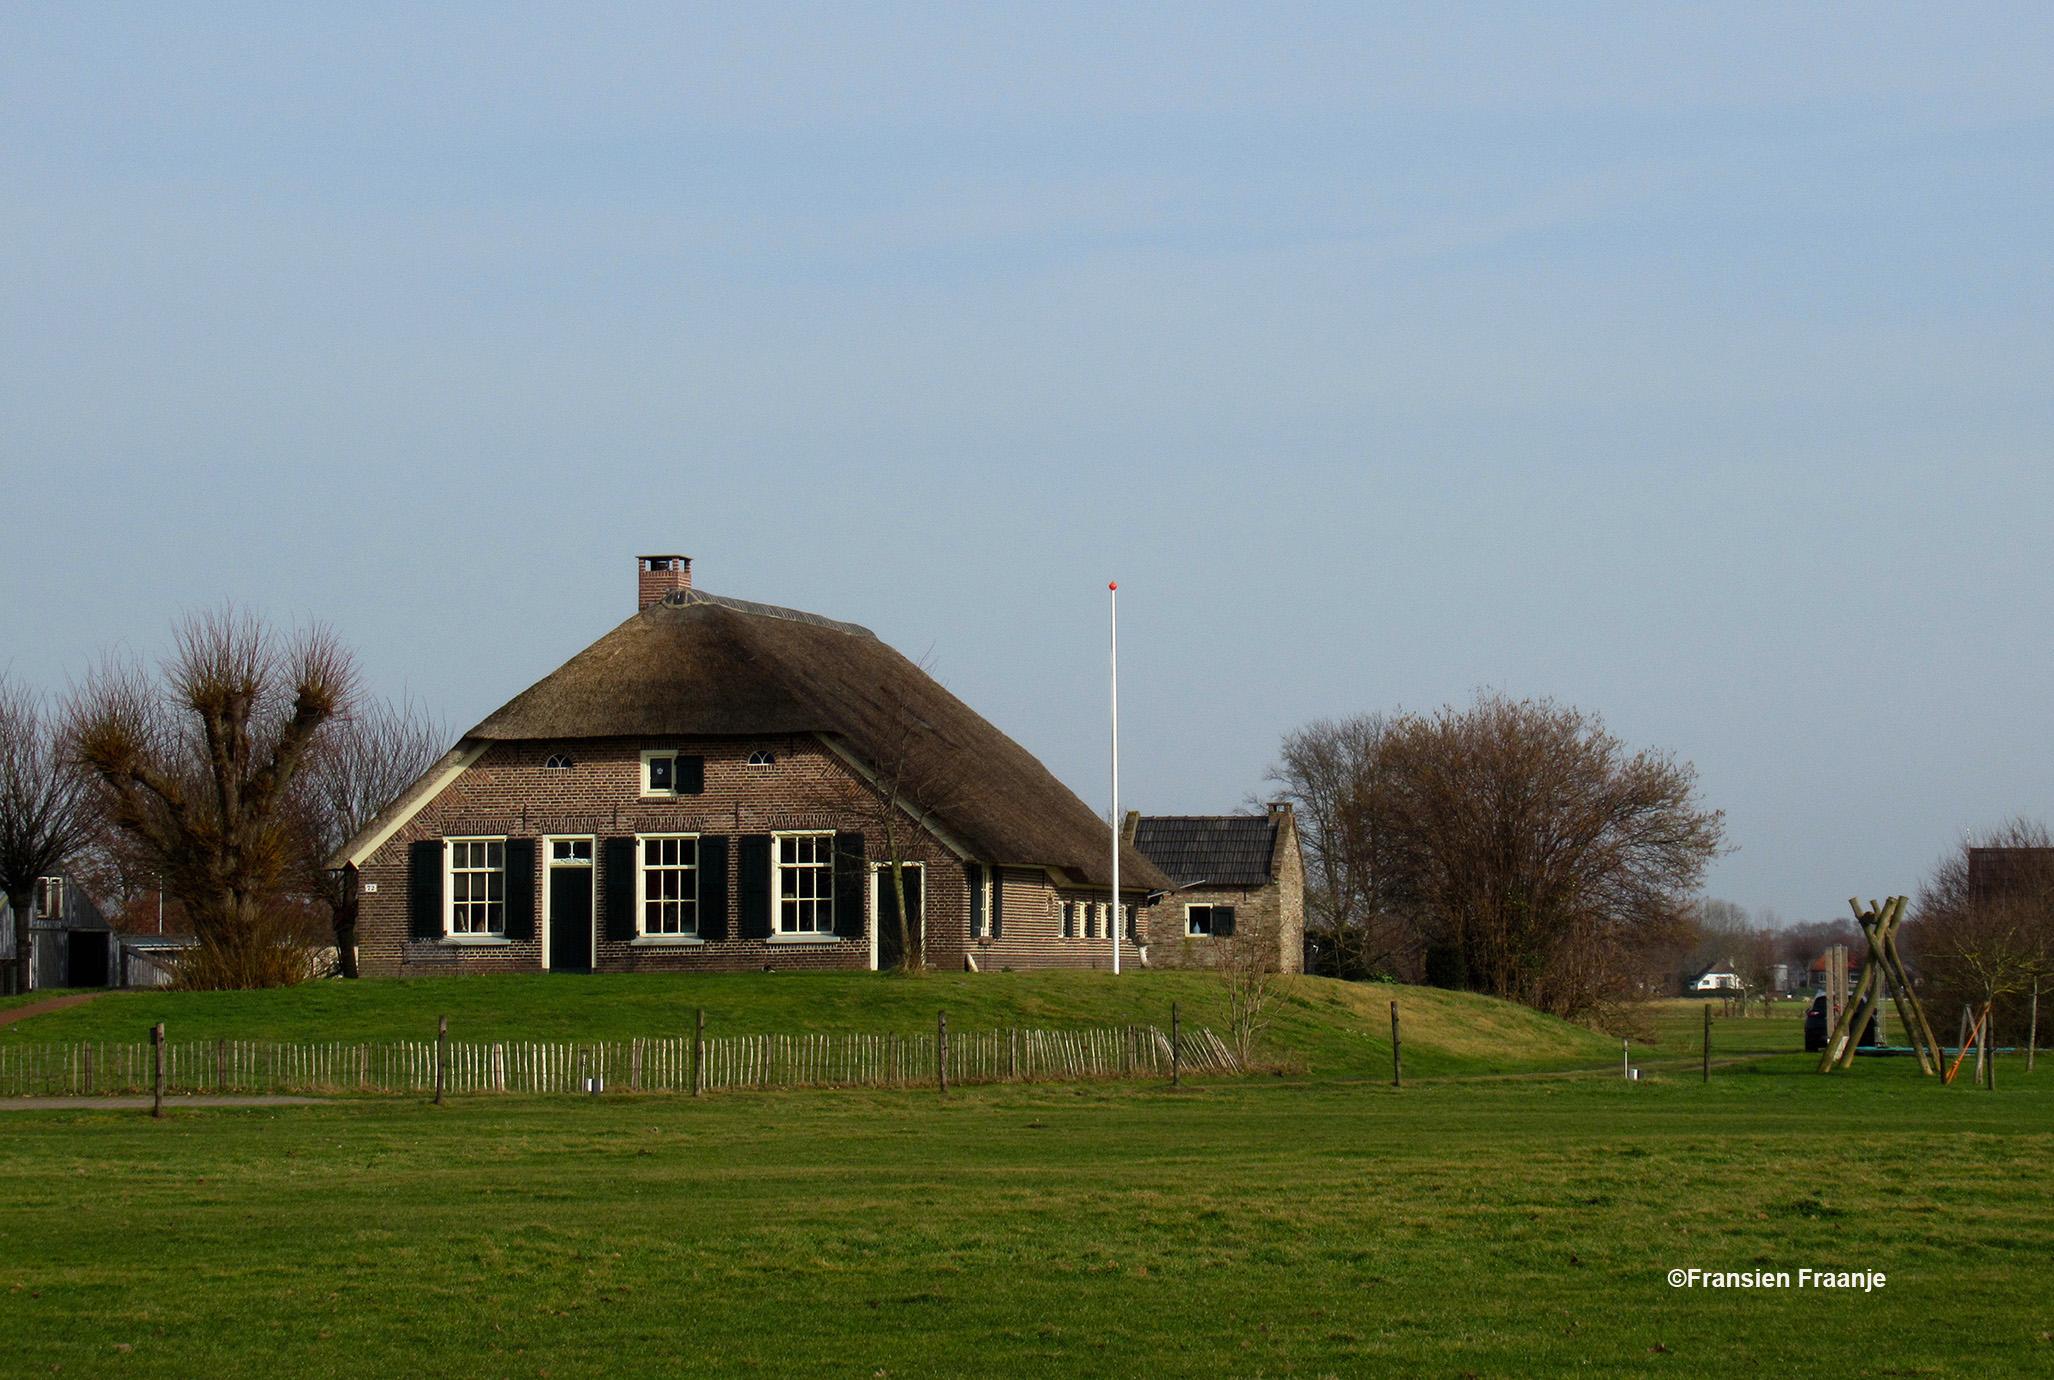 Als we vanuit Oosterwolde naar Kerkdorp rijden, genieten wij van de mooie boerderijen die hier op terpen of pollen gebouwd zijn, tegen het hoge water - Foto: ©Fransien Fraanje